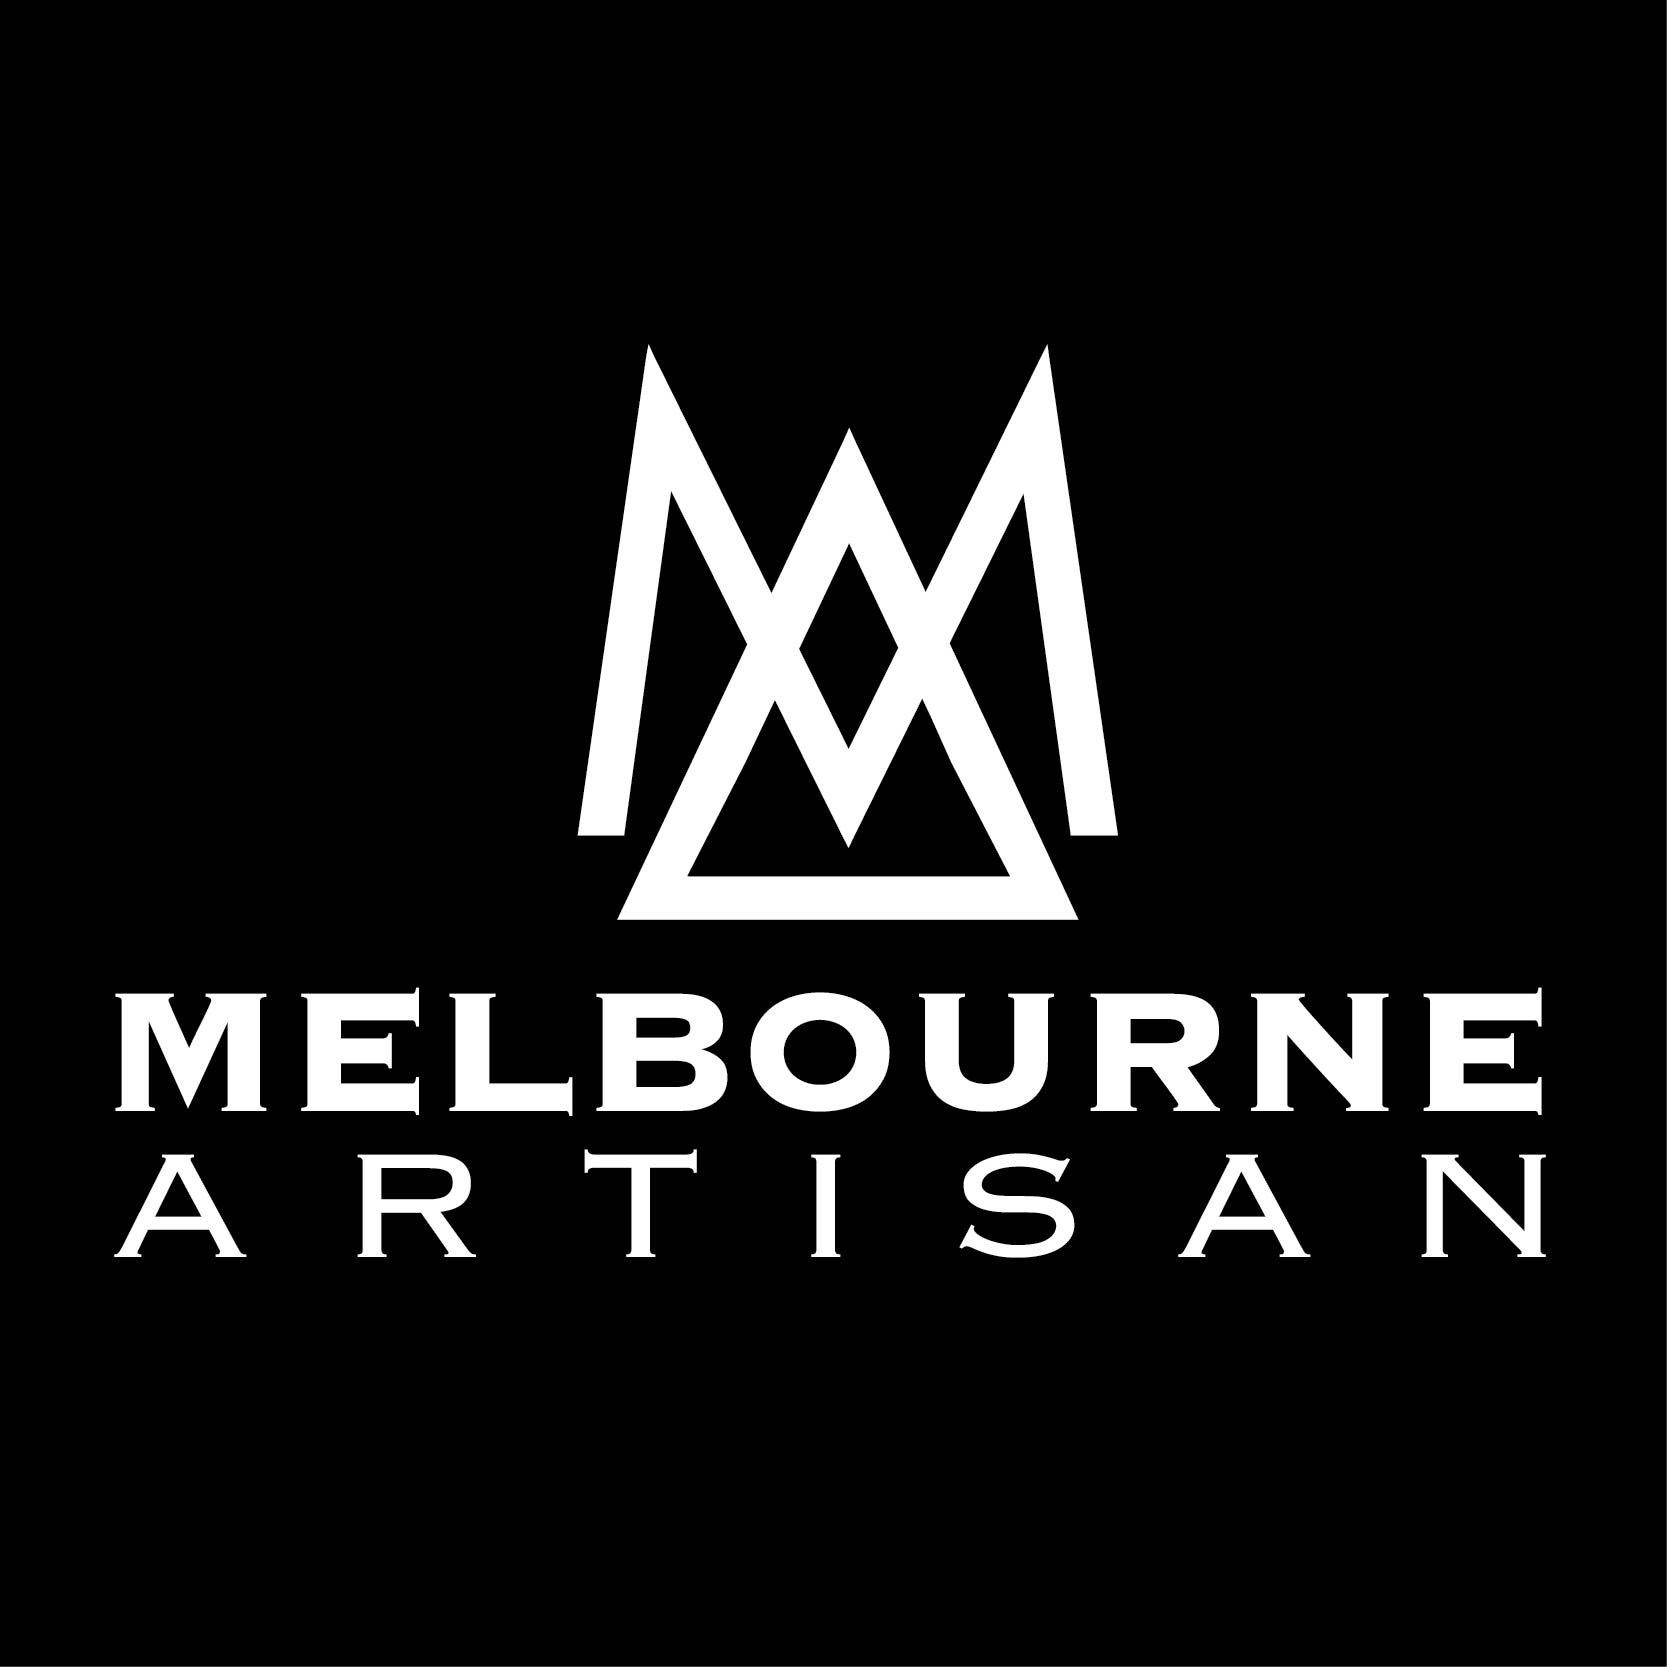 Melbourne Artisan